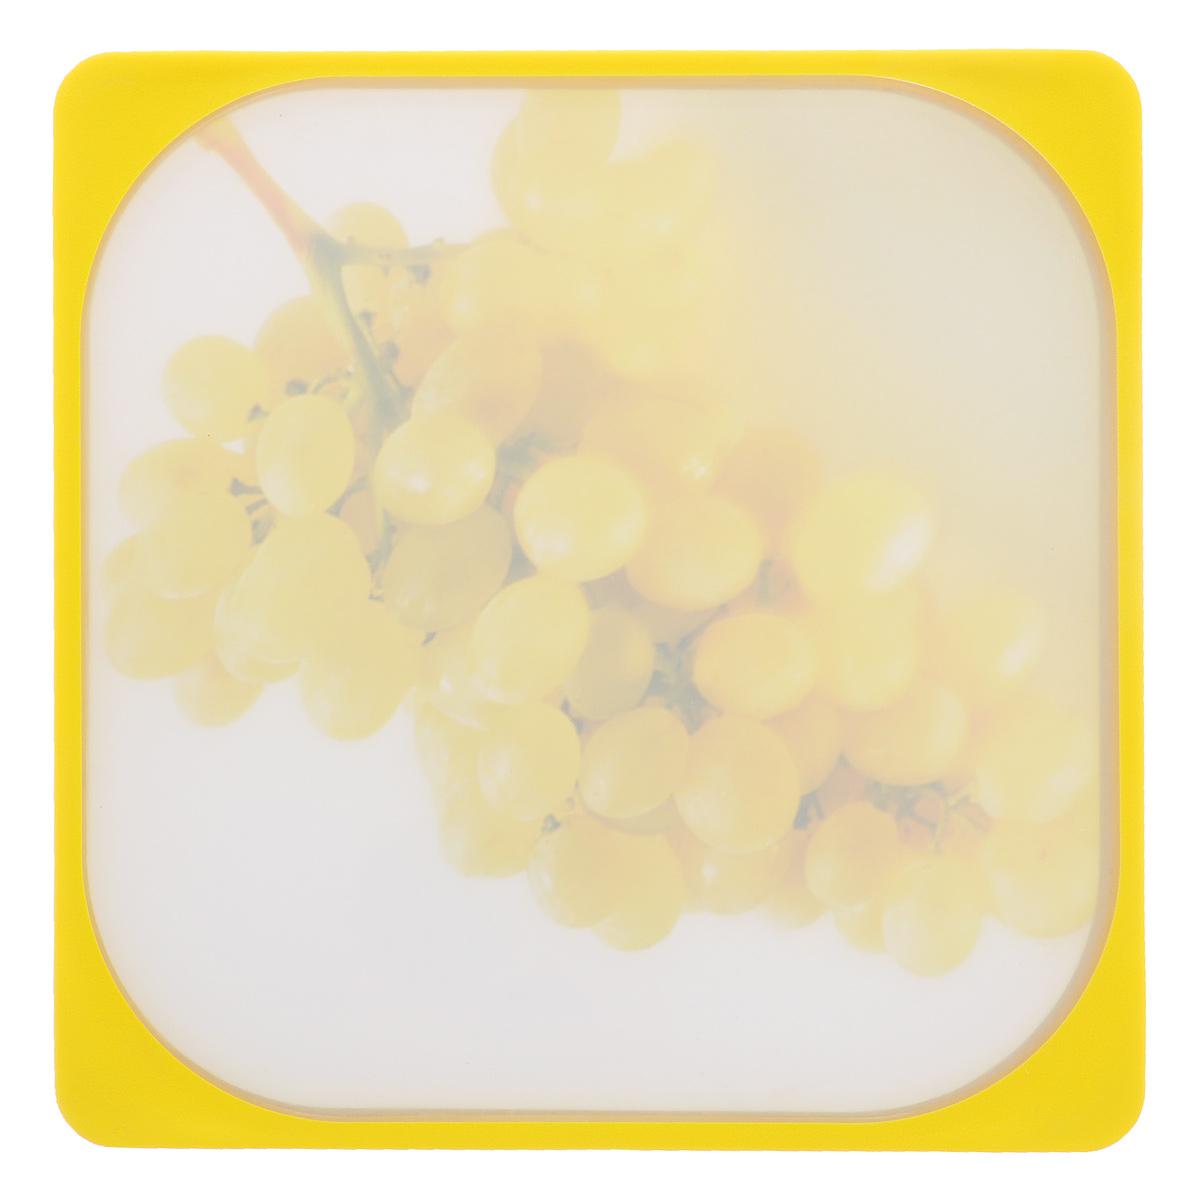 """Разделочная доска Frybest """"Виноград"""" представляет собой комбинацию нескольких материалов: дерево, пластик с мелкодисперсной структурой и двусторонним покрытием Microban и силикон. Материалы непористые, что предотвращает впитывание запаха.  Доска имеет специальное  антибактериальное покрытие, защищающее поверхность от появления бактерий. Доску можно использовать с  двух сторон. Лицевая сторона оформлена красочным изображением спелых томатов. Углубления по  краю доски соберут весь сок и поверхность стола останется чистой. Благодаря силиконовой вставке по краю,  доска не скользит по поверхности. Можно мыть в посудомоечной машине.  Размер: 26 см х 26 см х 1 см."""